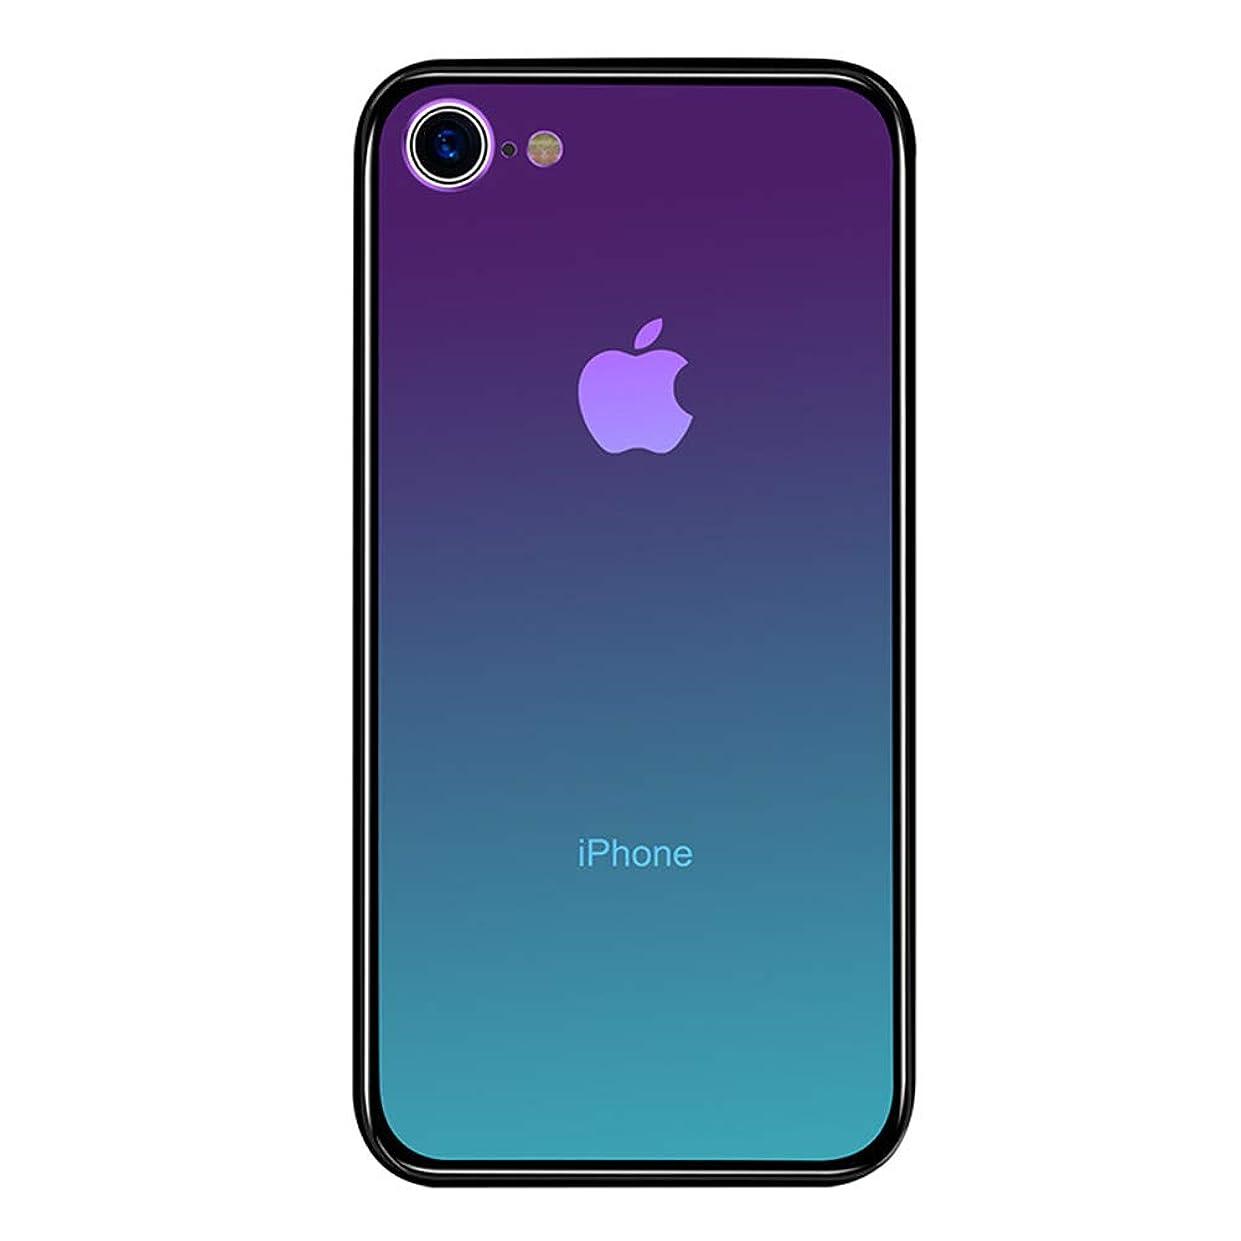 フルーツ野菜エロチック調整iPhone7 ケース iPhone8 ケース LAYJOY アイフォン7/8 カバー 強化ガラスケース 透明 背面ハードガラス9H硬度 + ソフトTPUバンパー [耐衝撃 落下防止 軽量 レンズ保護] [Qi充電対応] iPhone 7/8用 スマホケース (オーロラ)